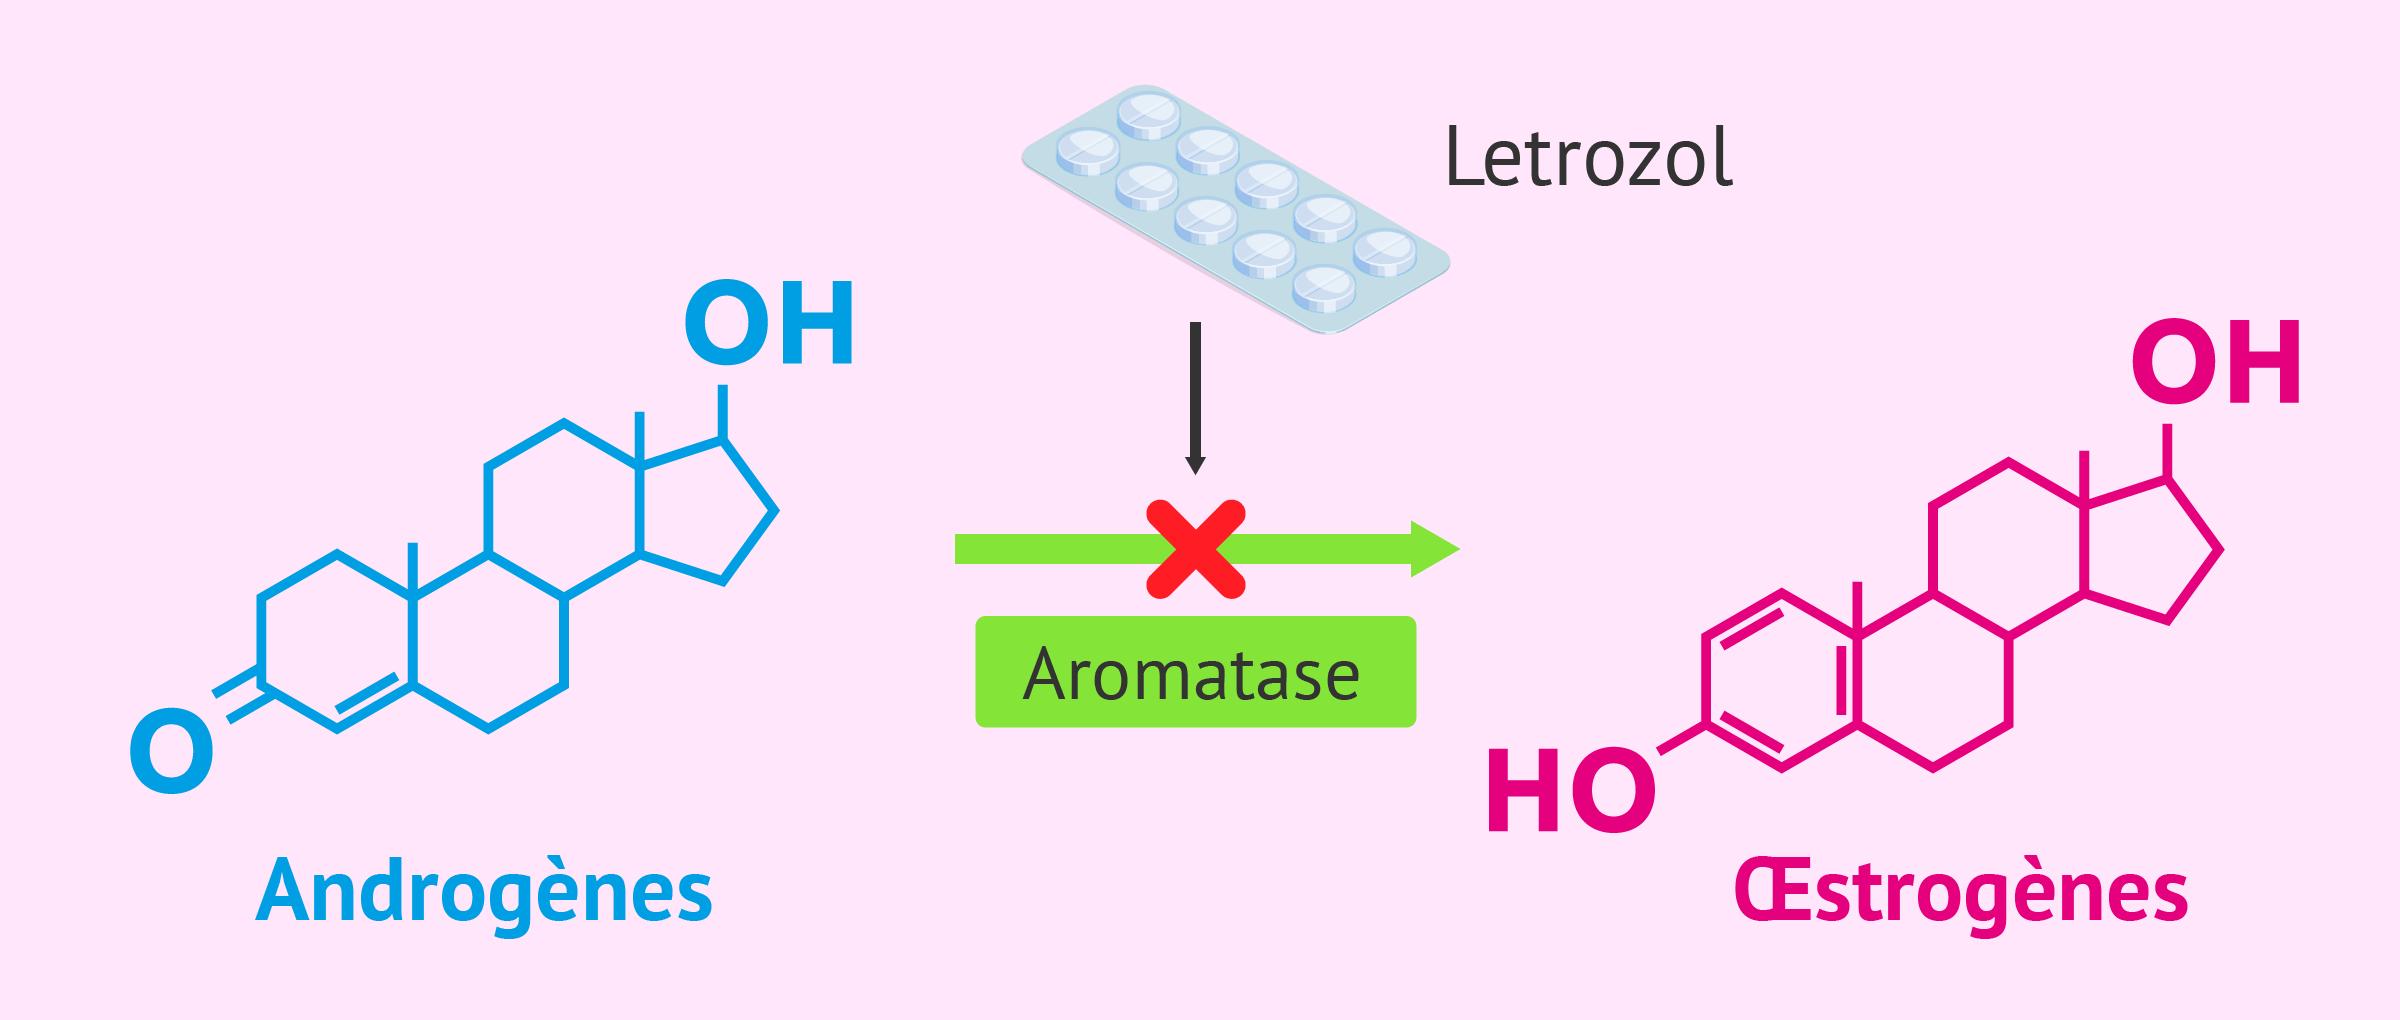 Mécanisme d'action du létrozole